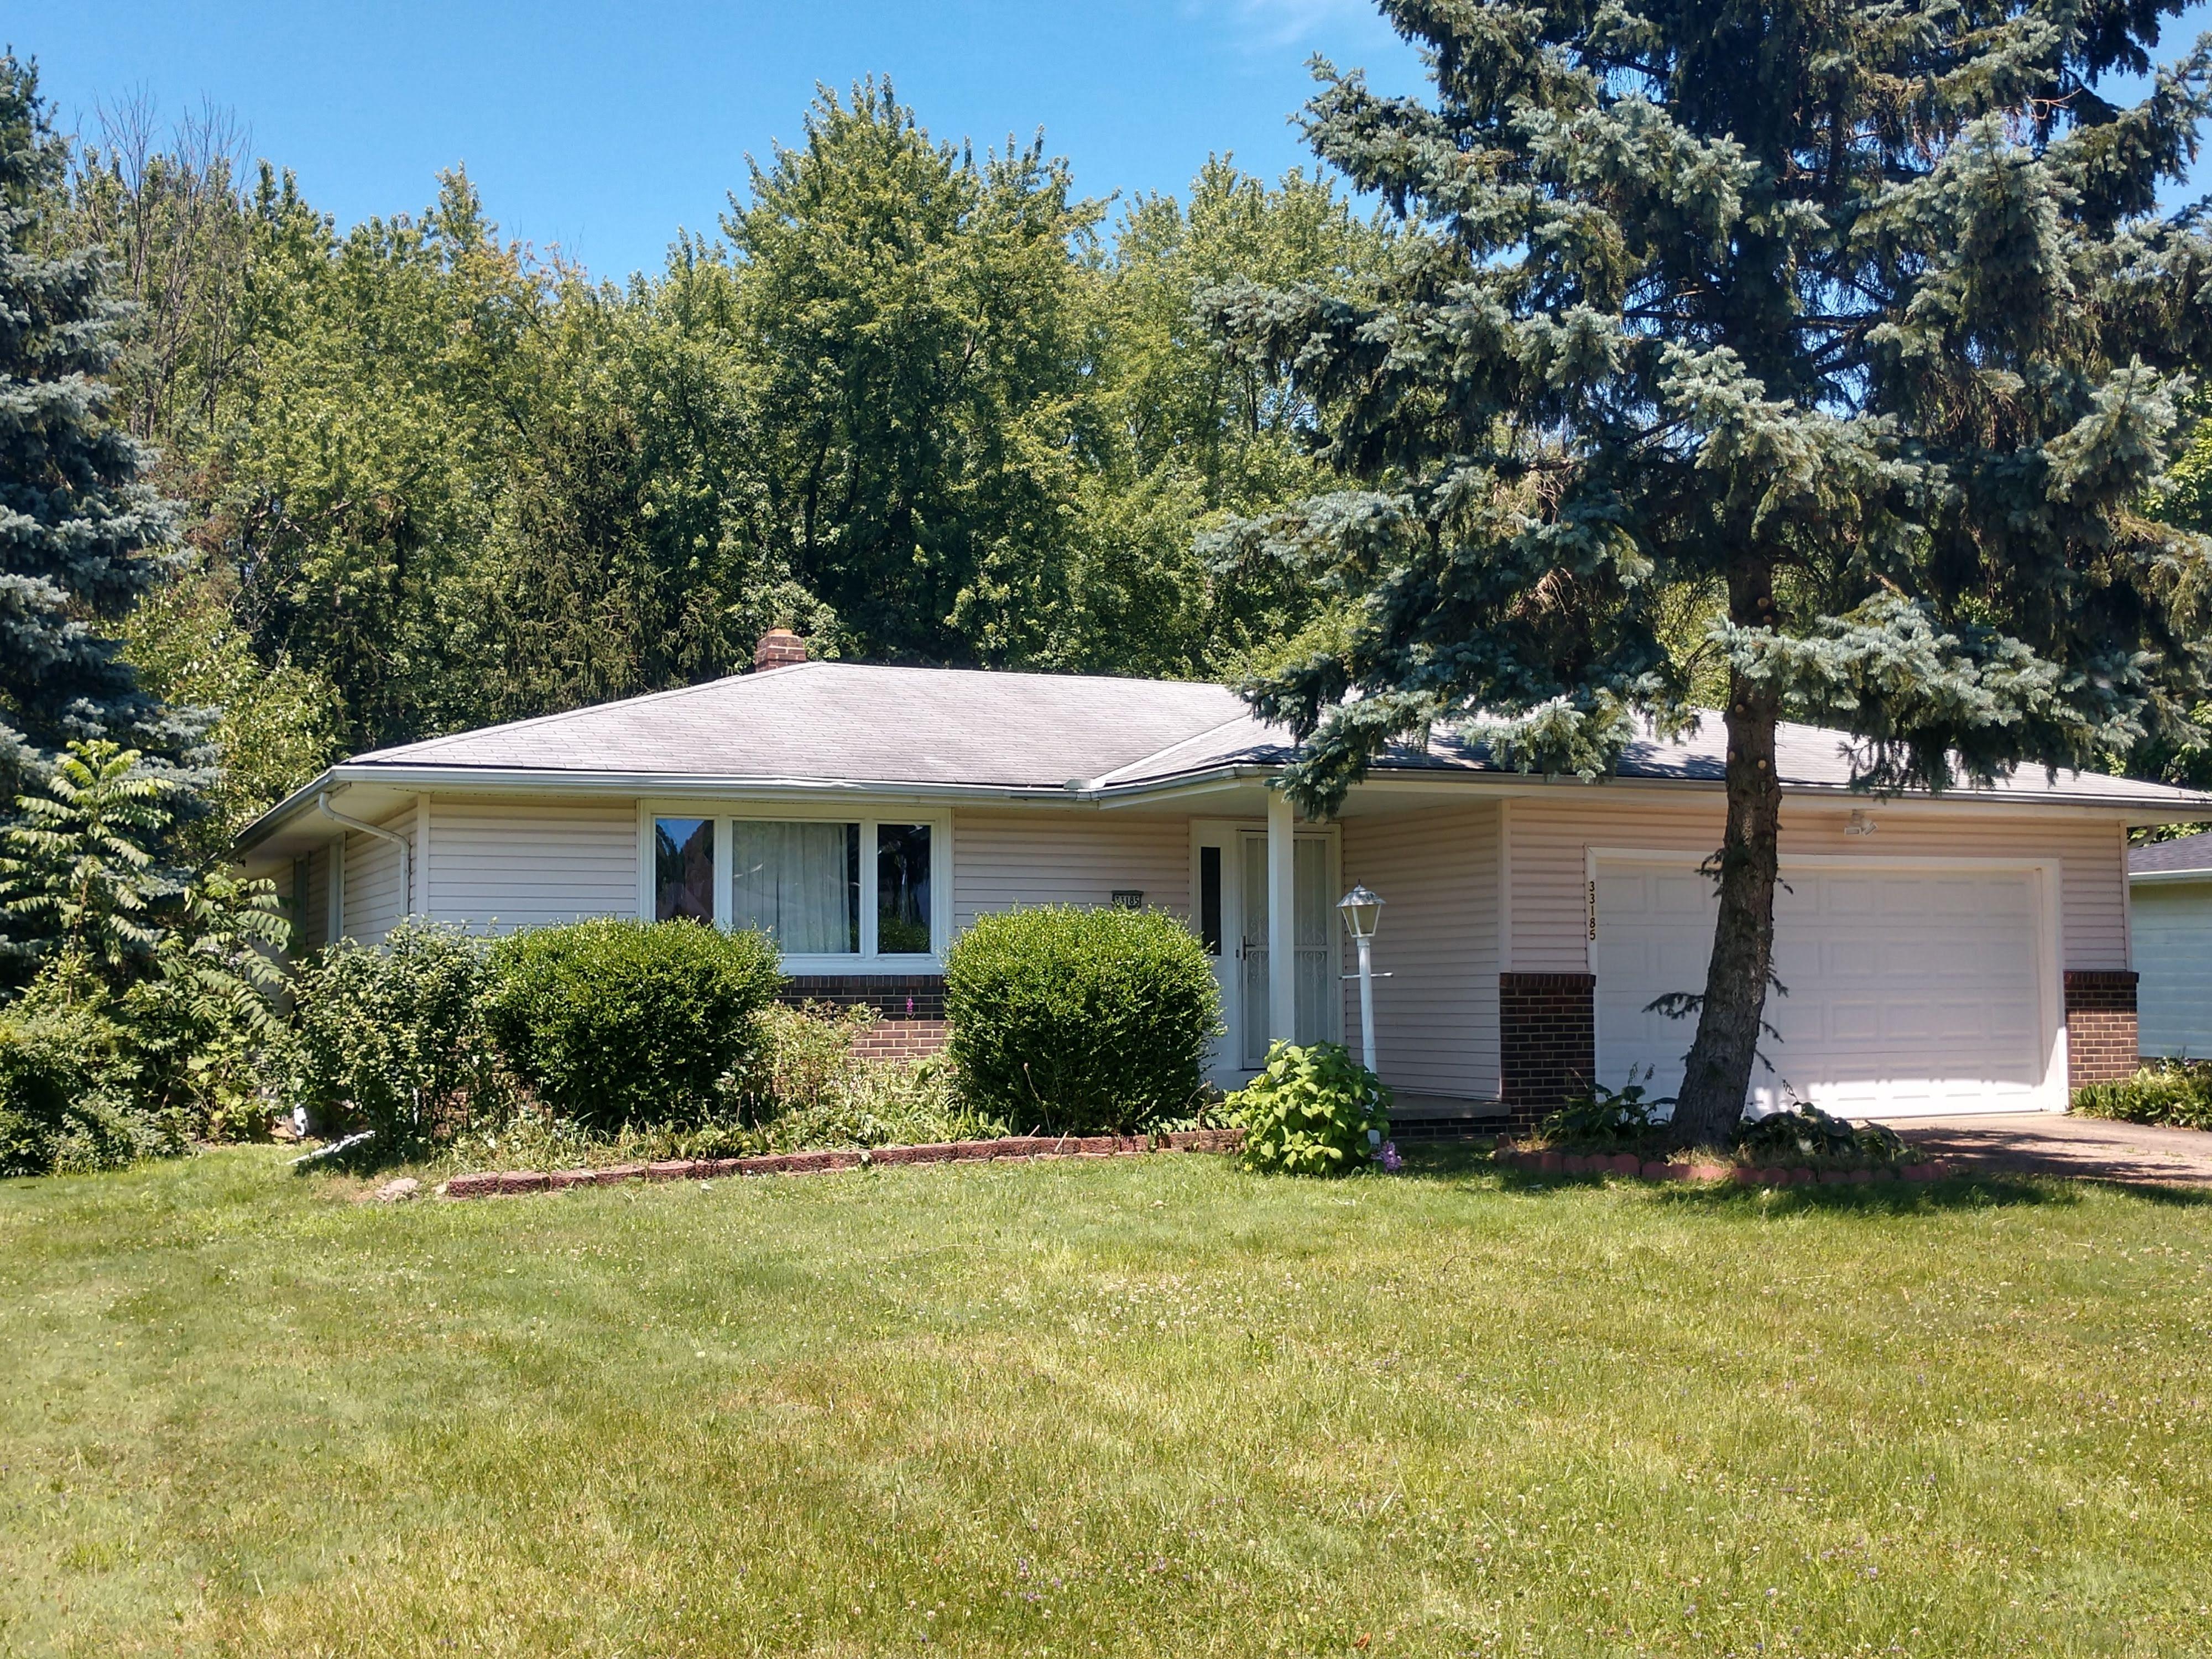 Solon, OH –$209,000